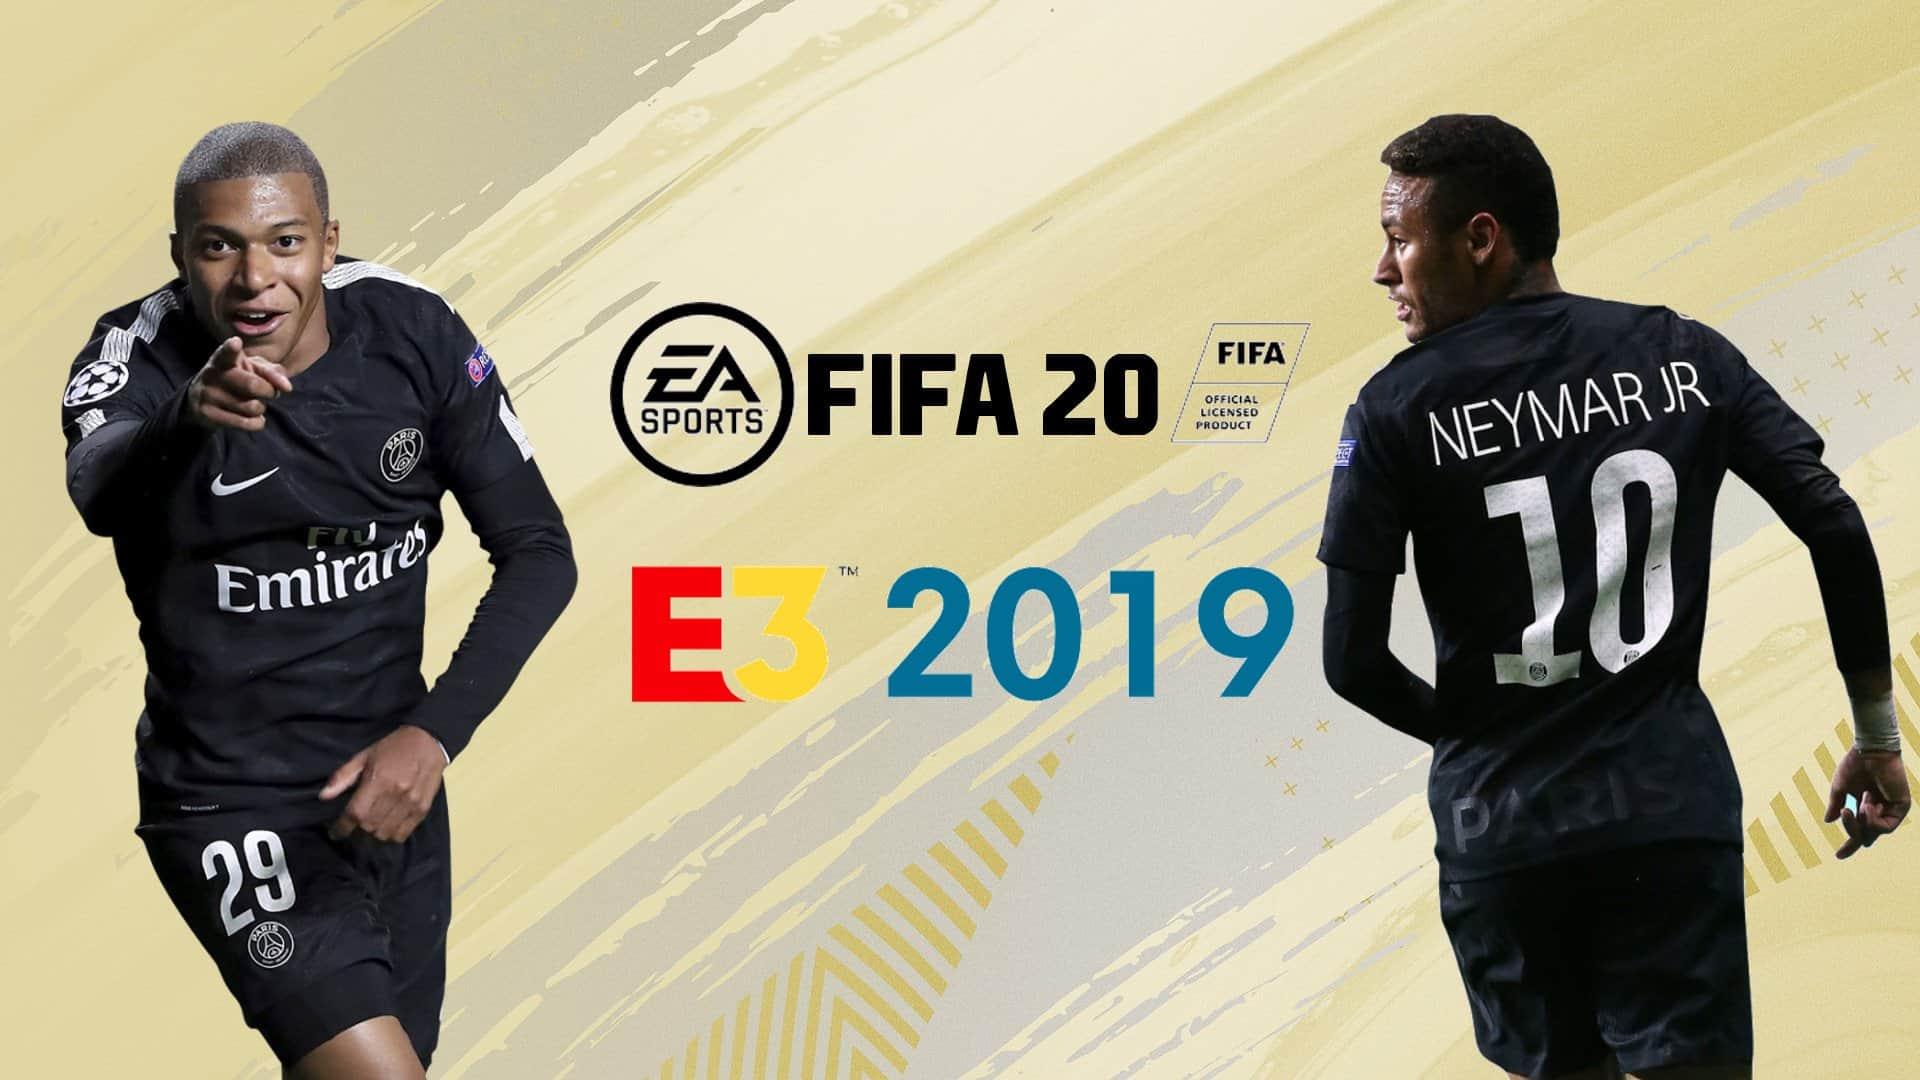 FIFA 20 EA access